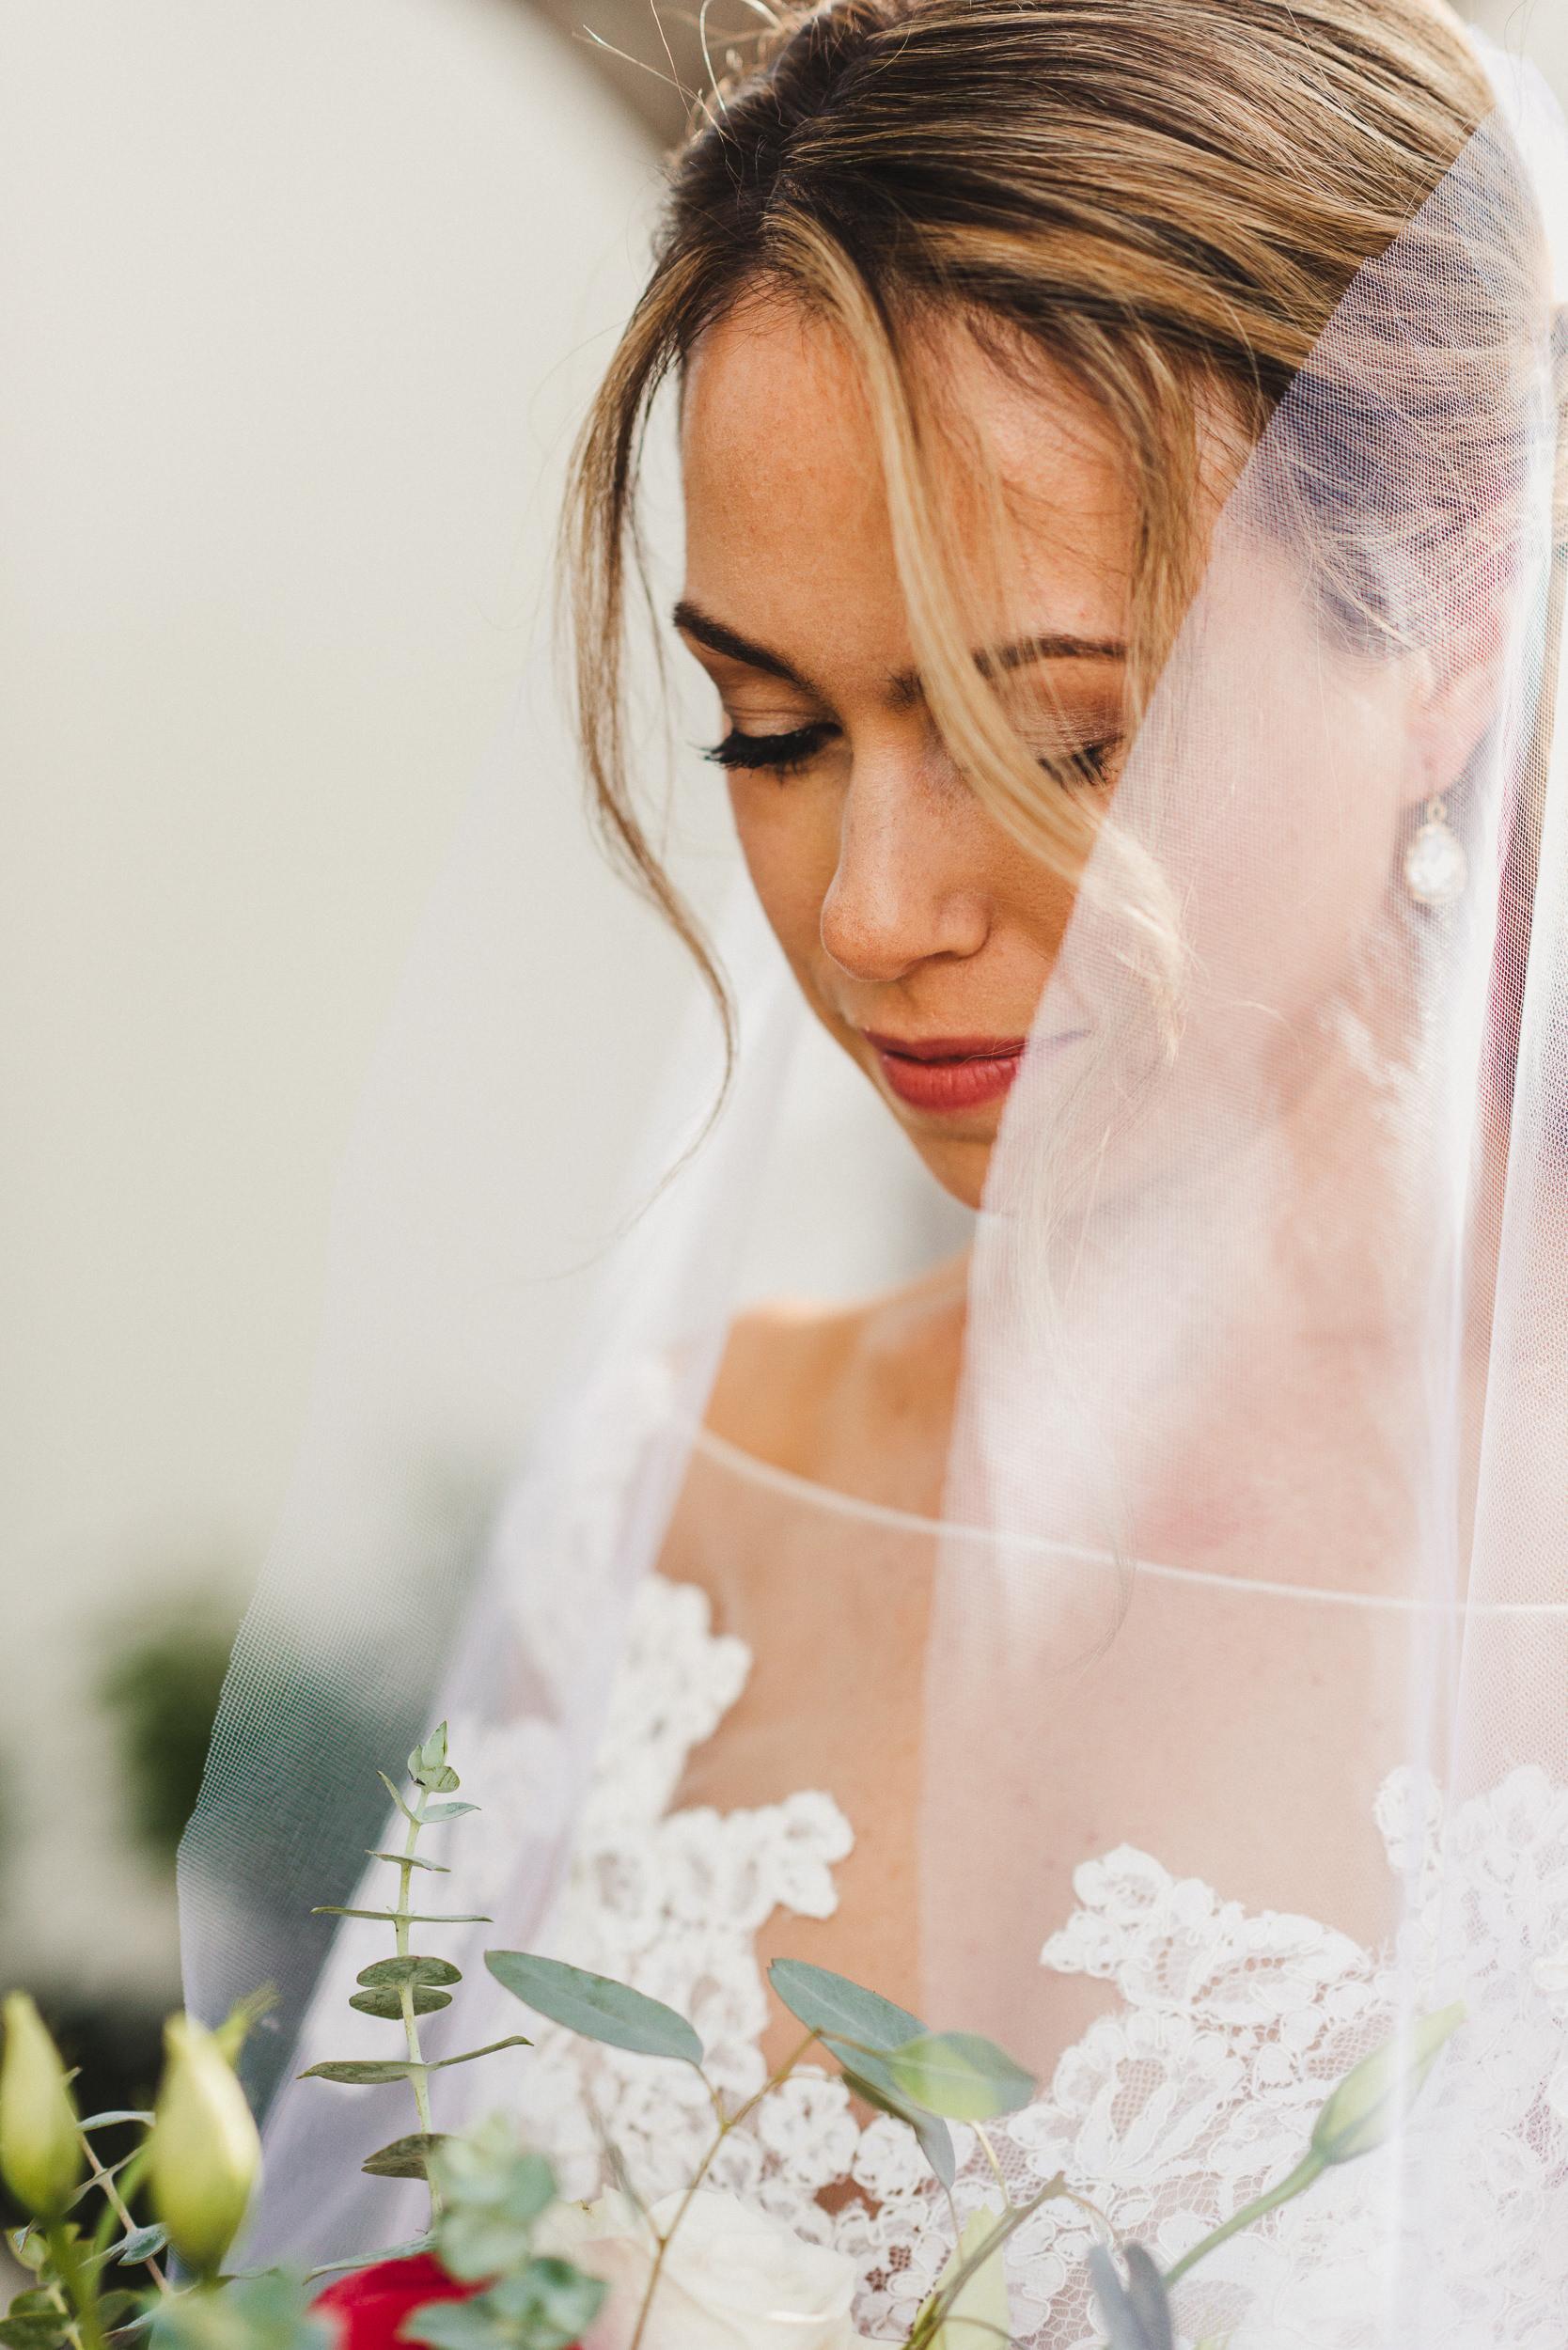 sL + E - Verandas Manhattan Beach - 04 Bridal Portraits-22.jpg